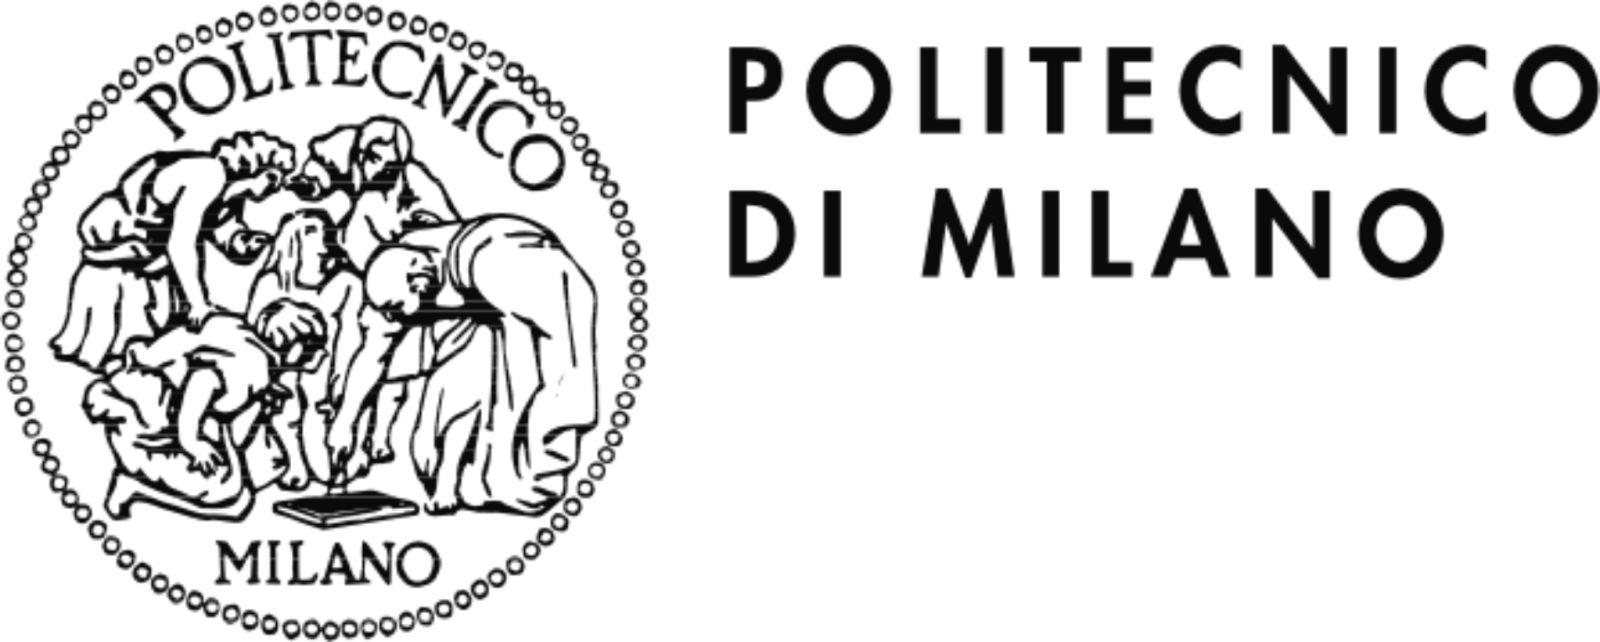 Politecnico di milano master in polis making wecanjob for Politecnico di design milano